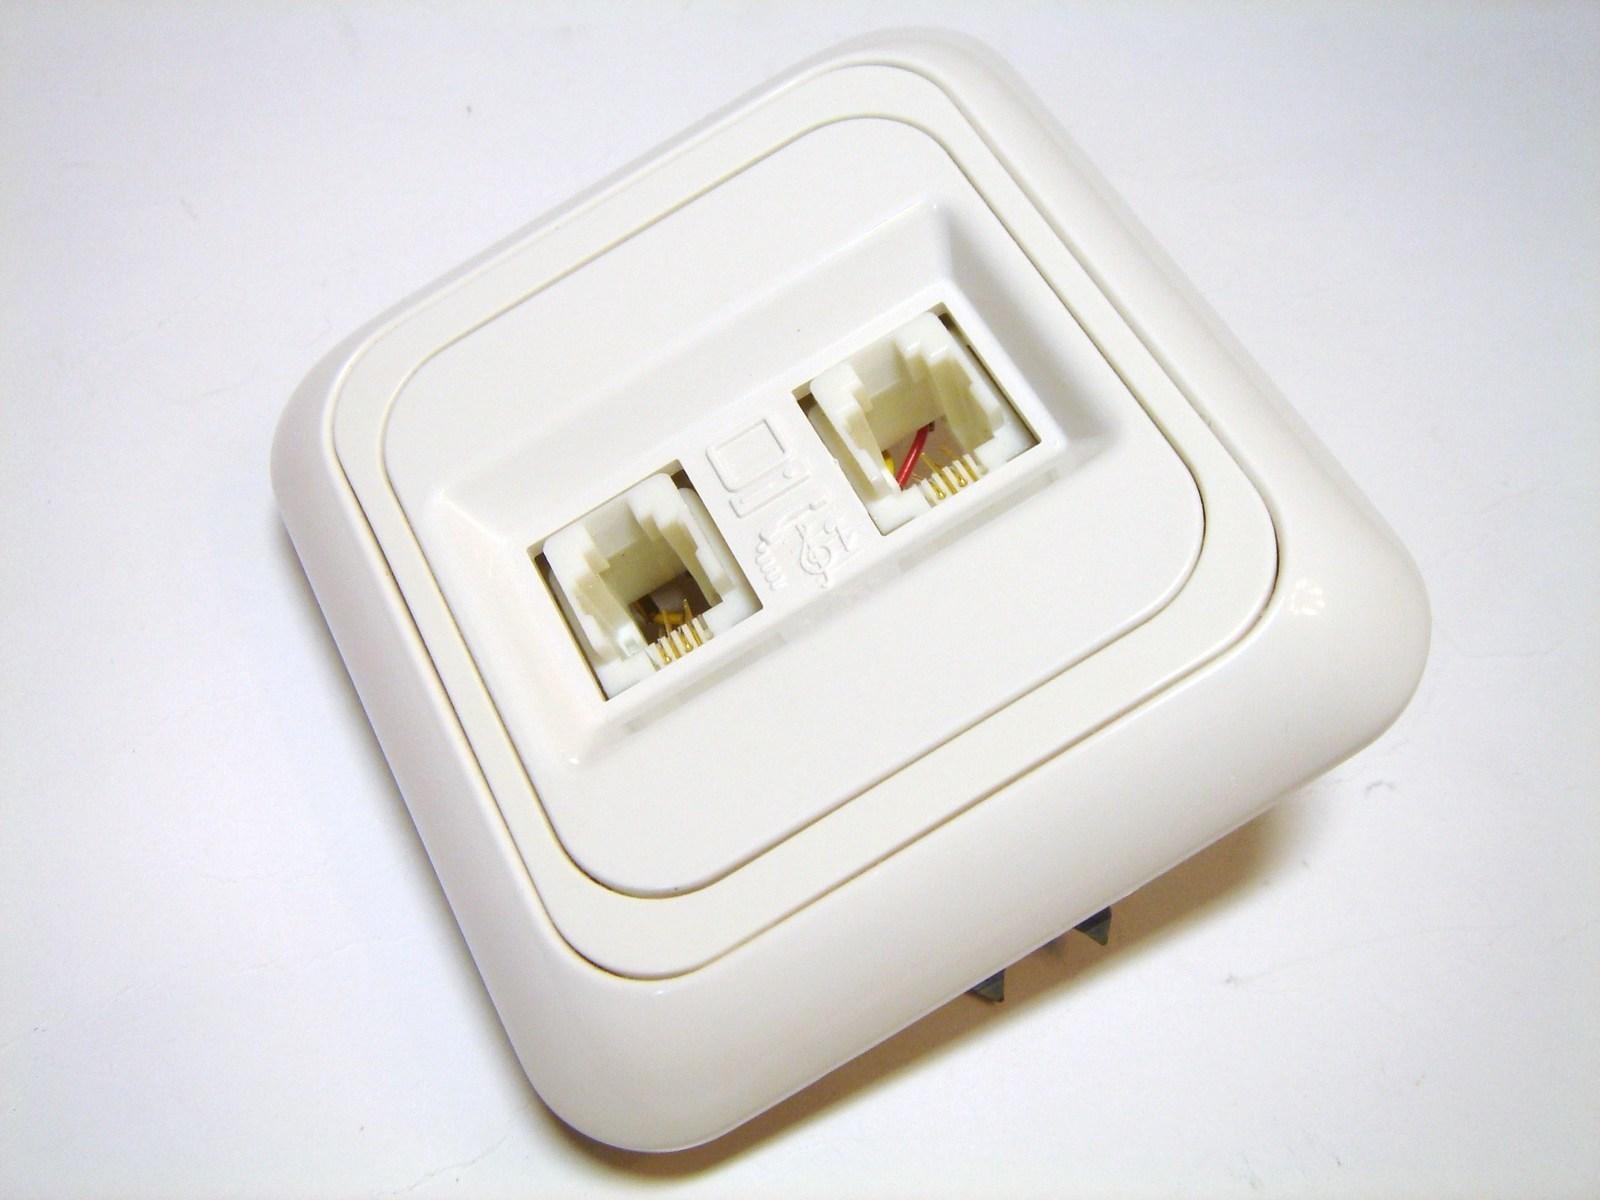 Telefoni süvispaigaldusega pistikupesad 2-sed,VI-KO (sari - Yasemin)